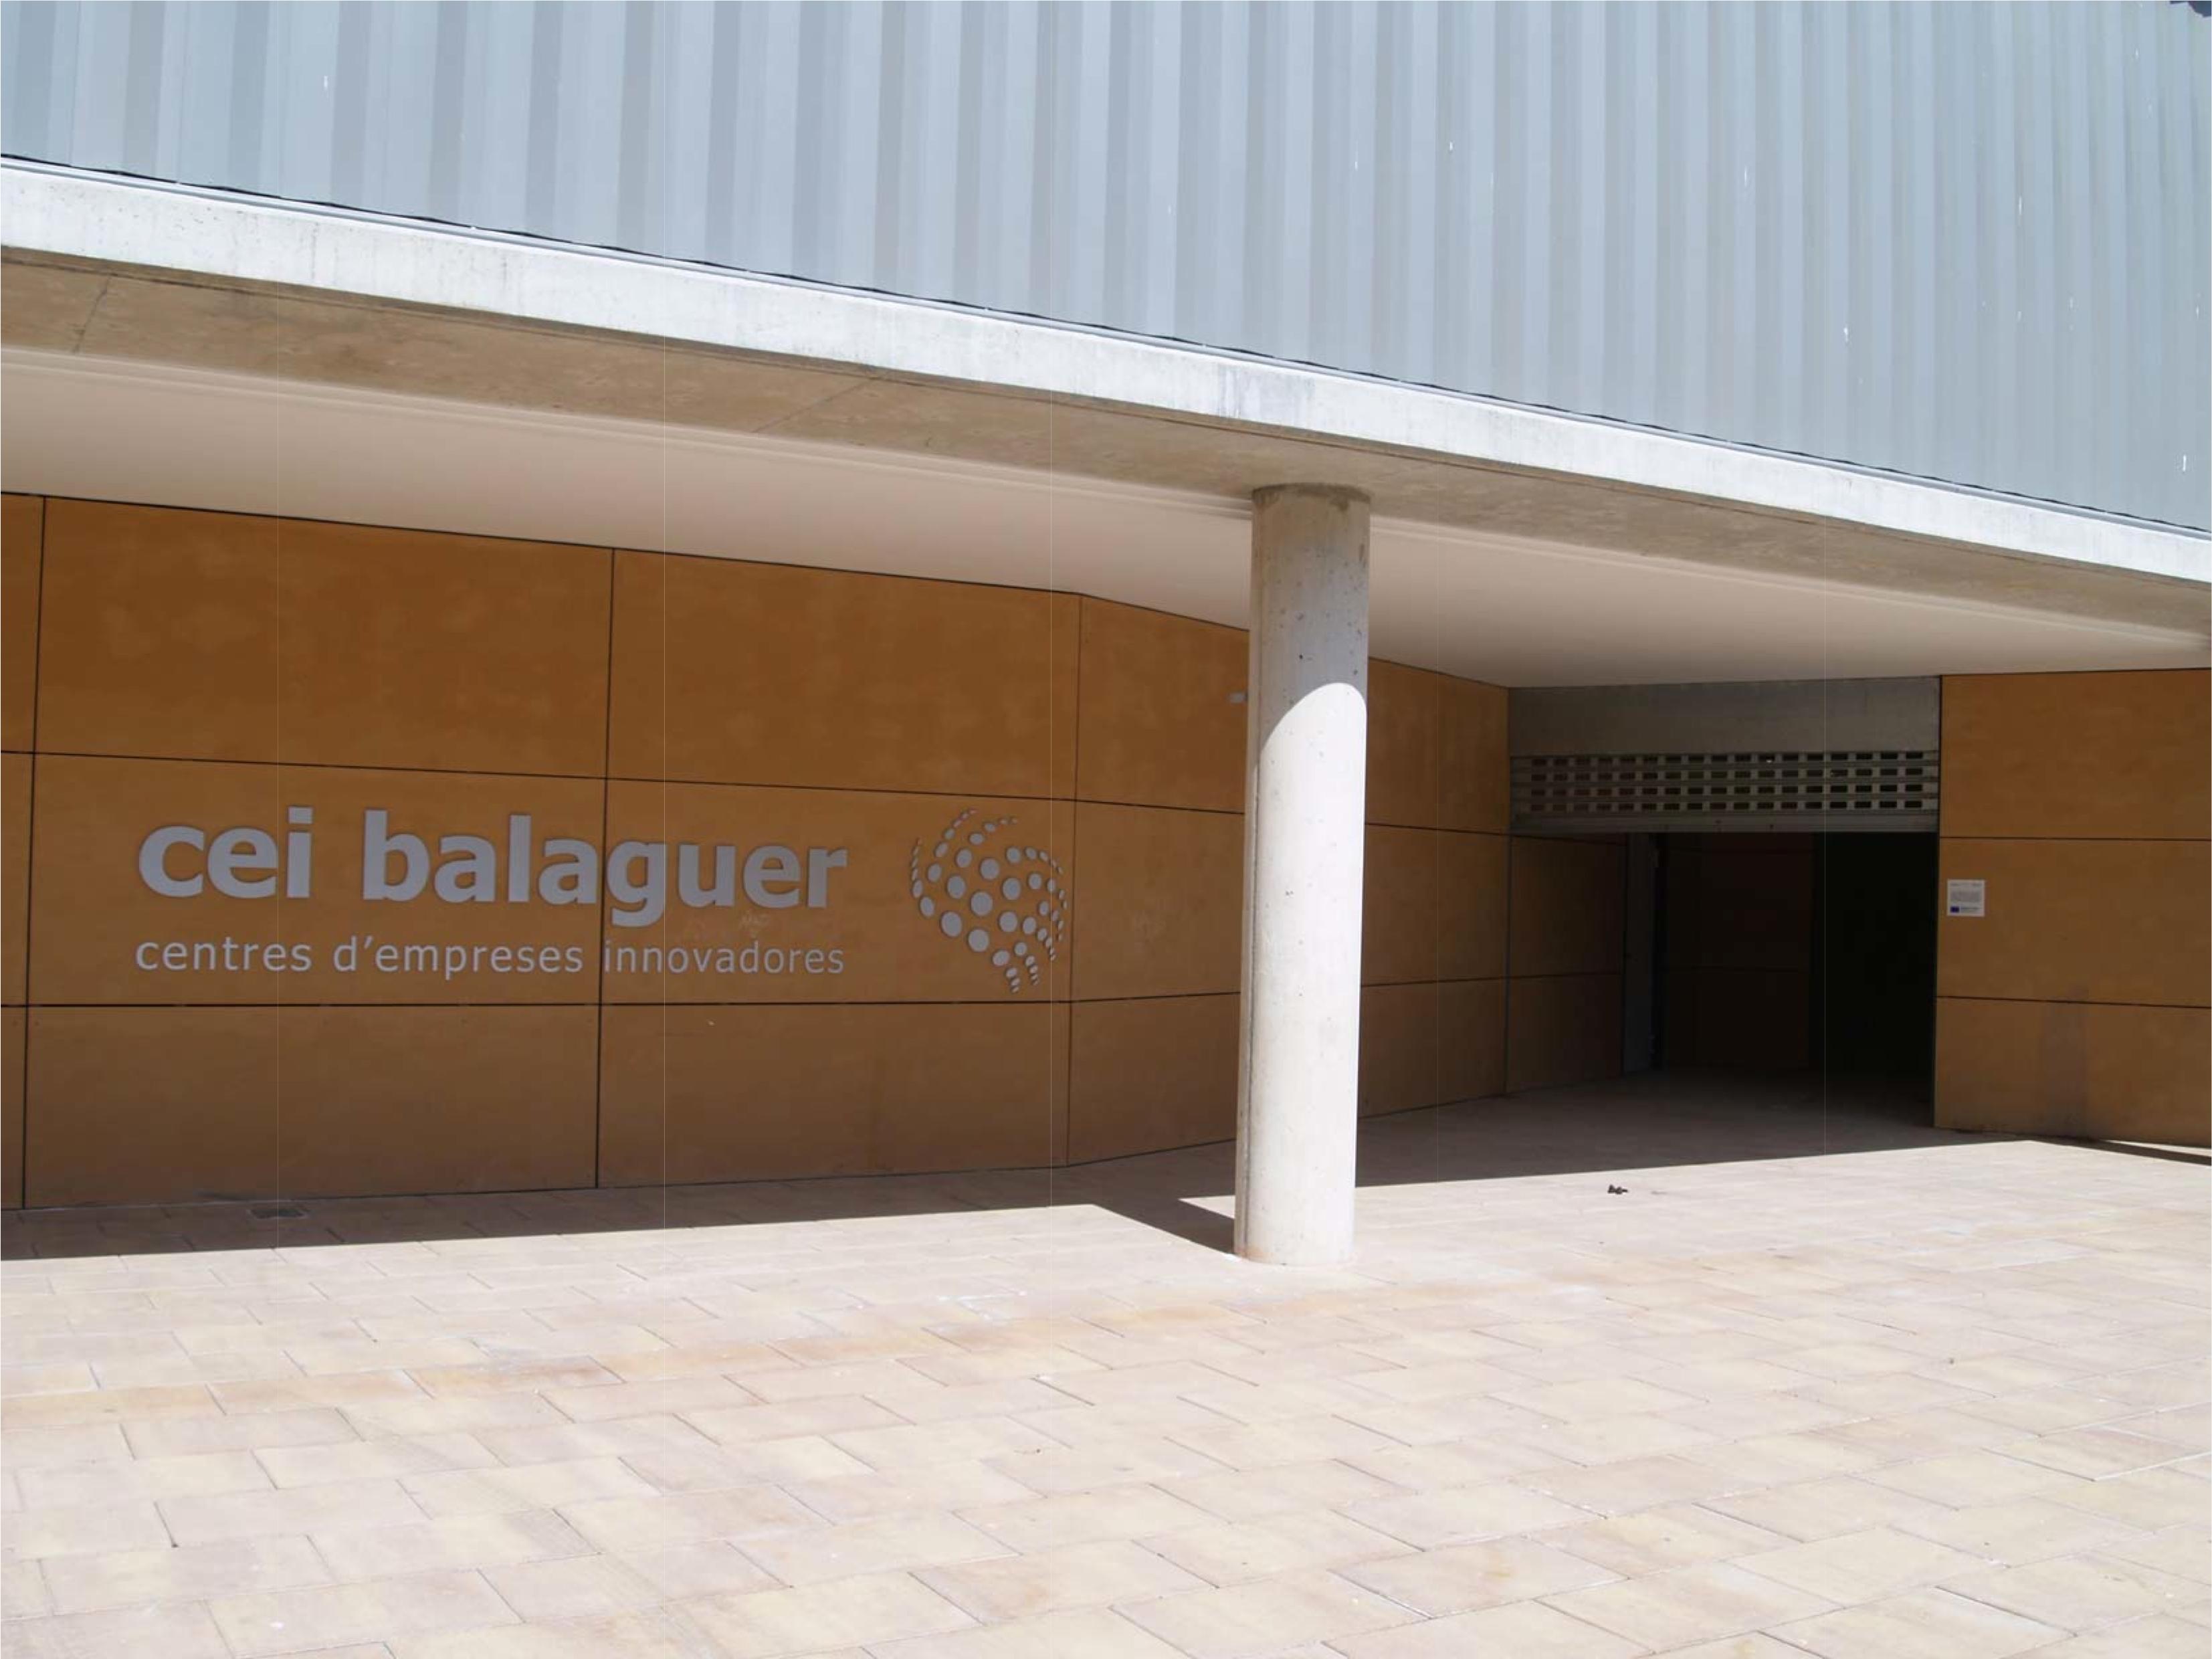 foto-ceibalaguer